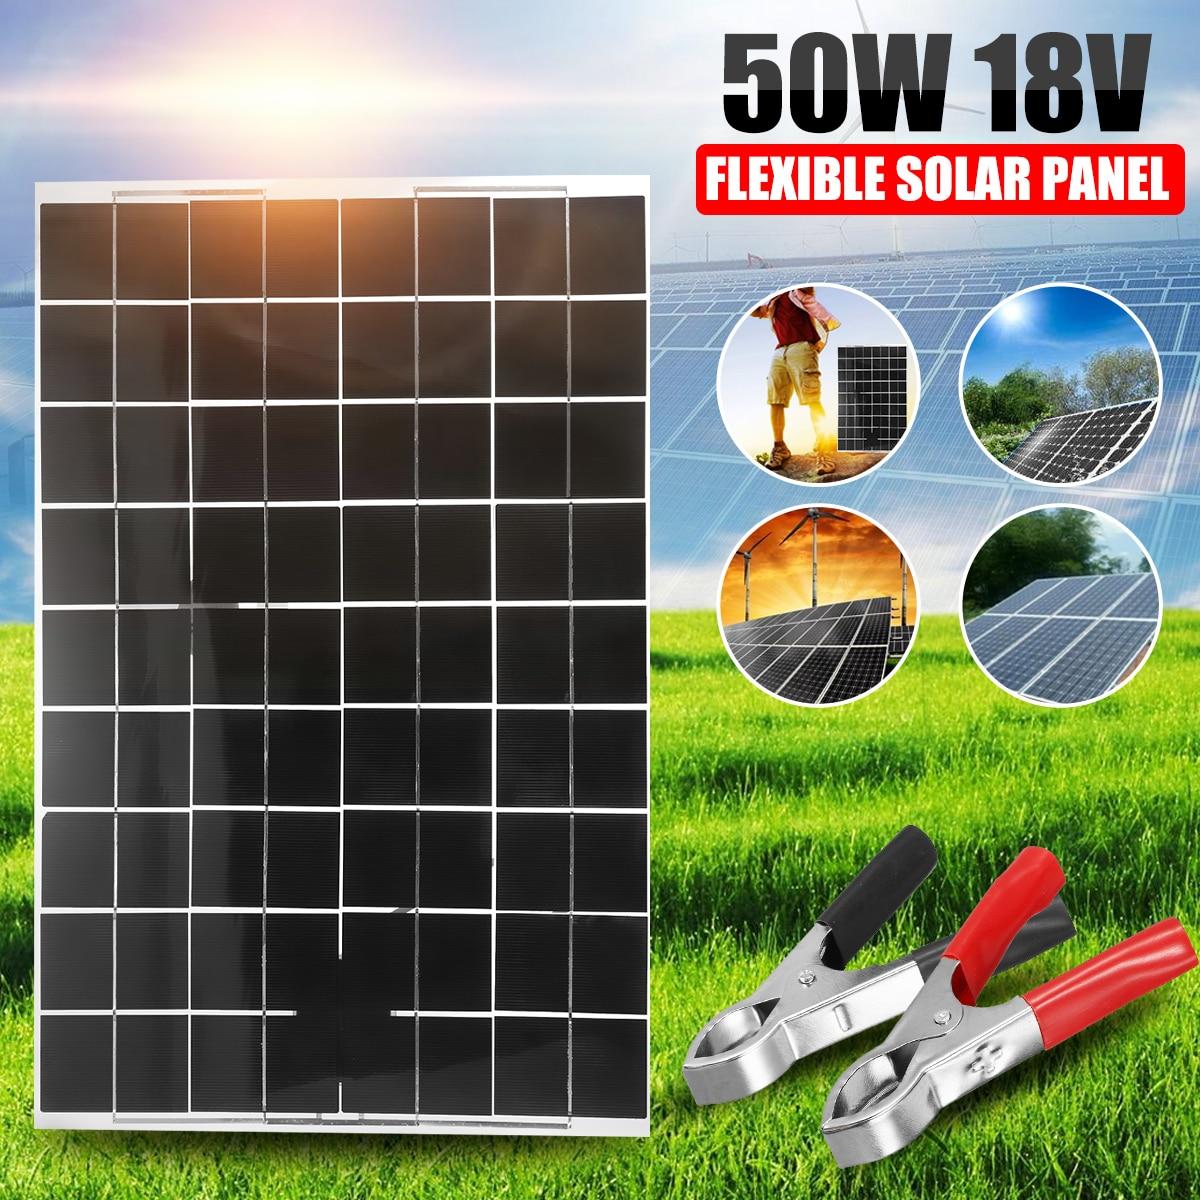 Panneau solaire Flexible Portable 18V 50W grande batterie en silicium polycristallin Mini système solaire voiture Rood Marine chargeur extérieur